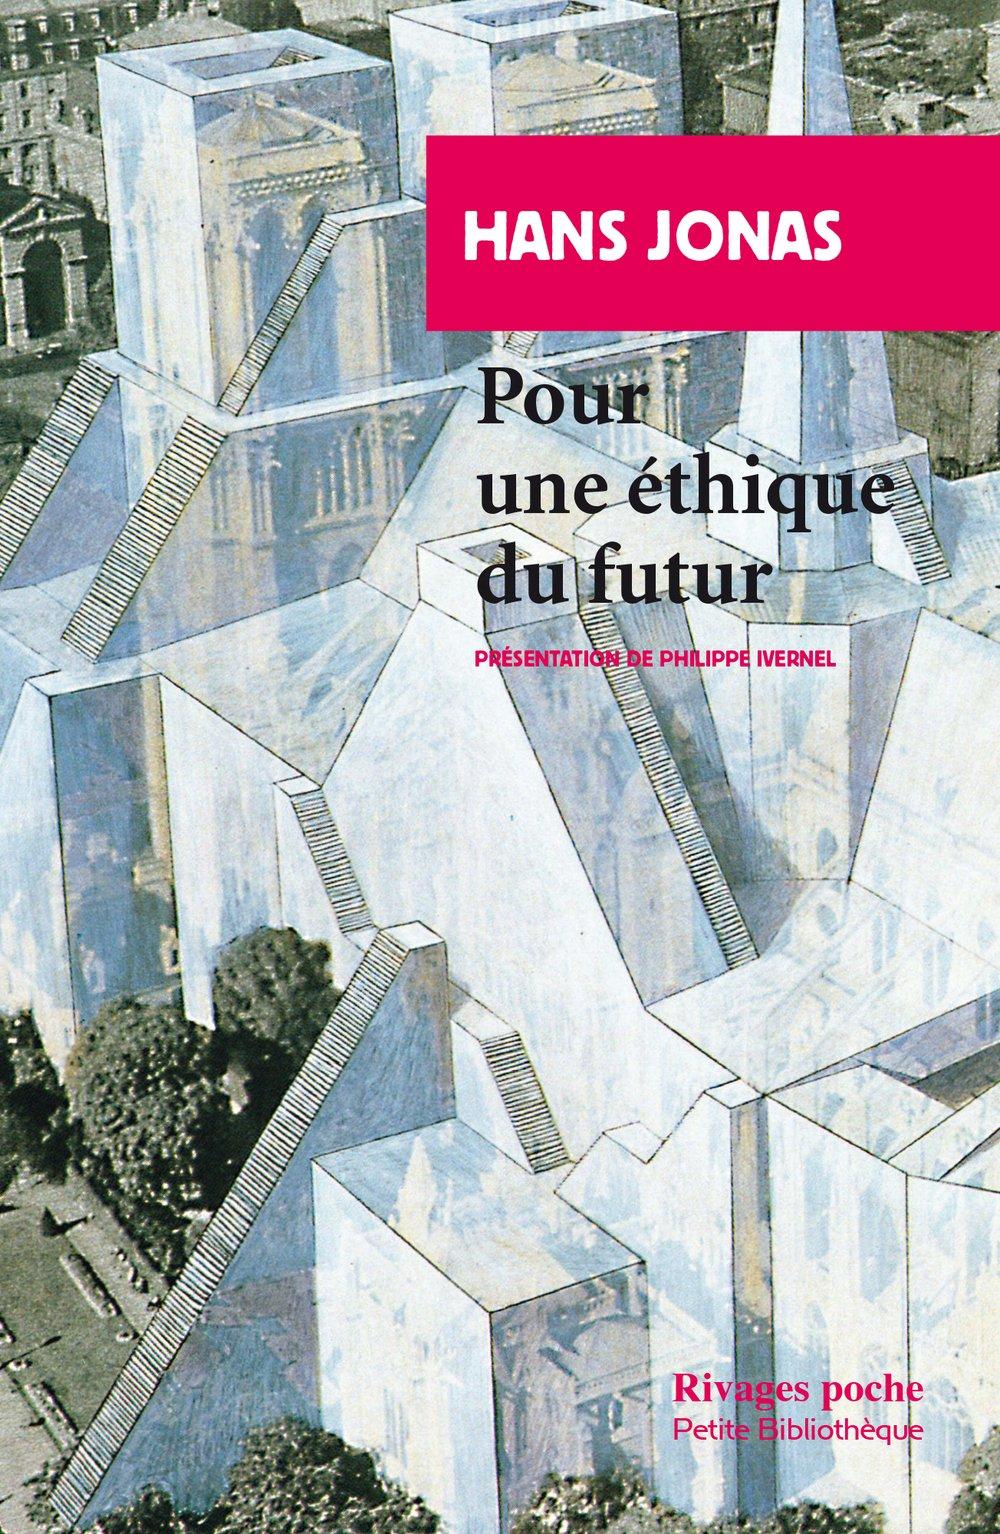 Cette photo montre la couverture du livre intitulé Pour une éthique du futur écrit par Hans Jonas